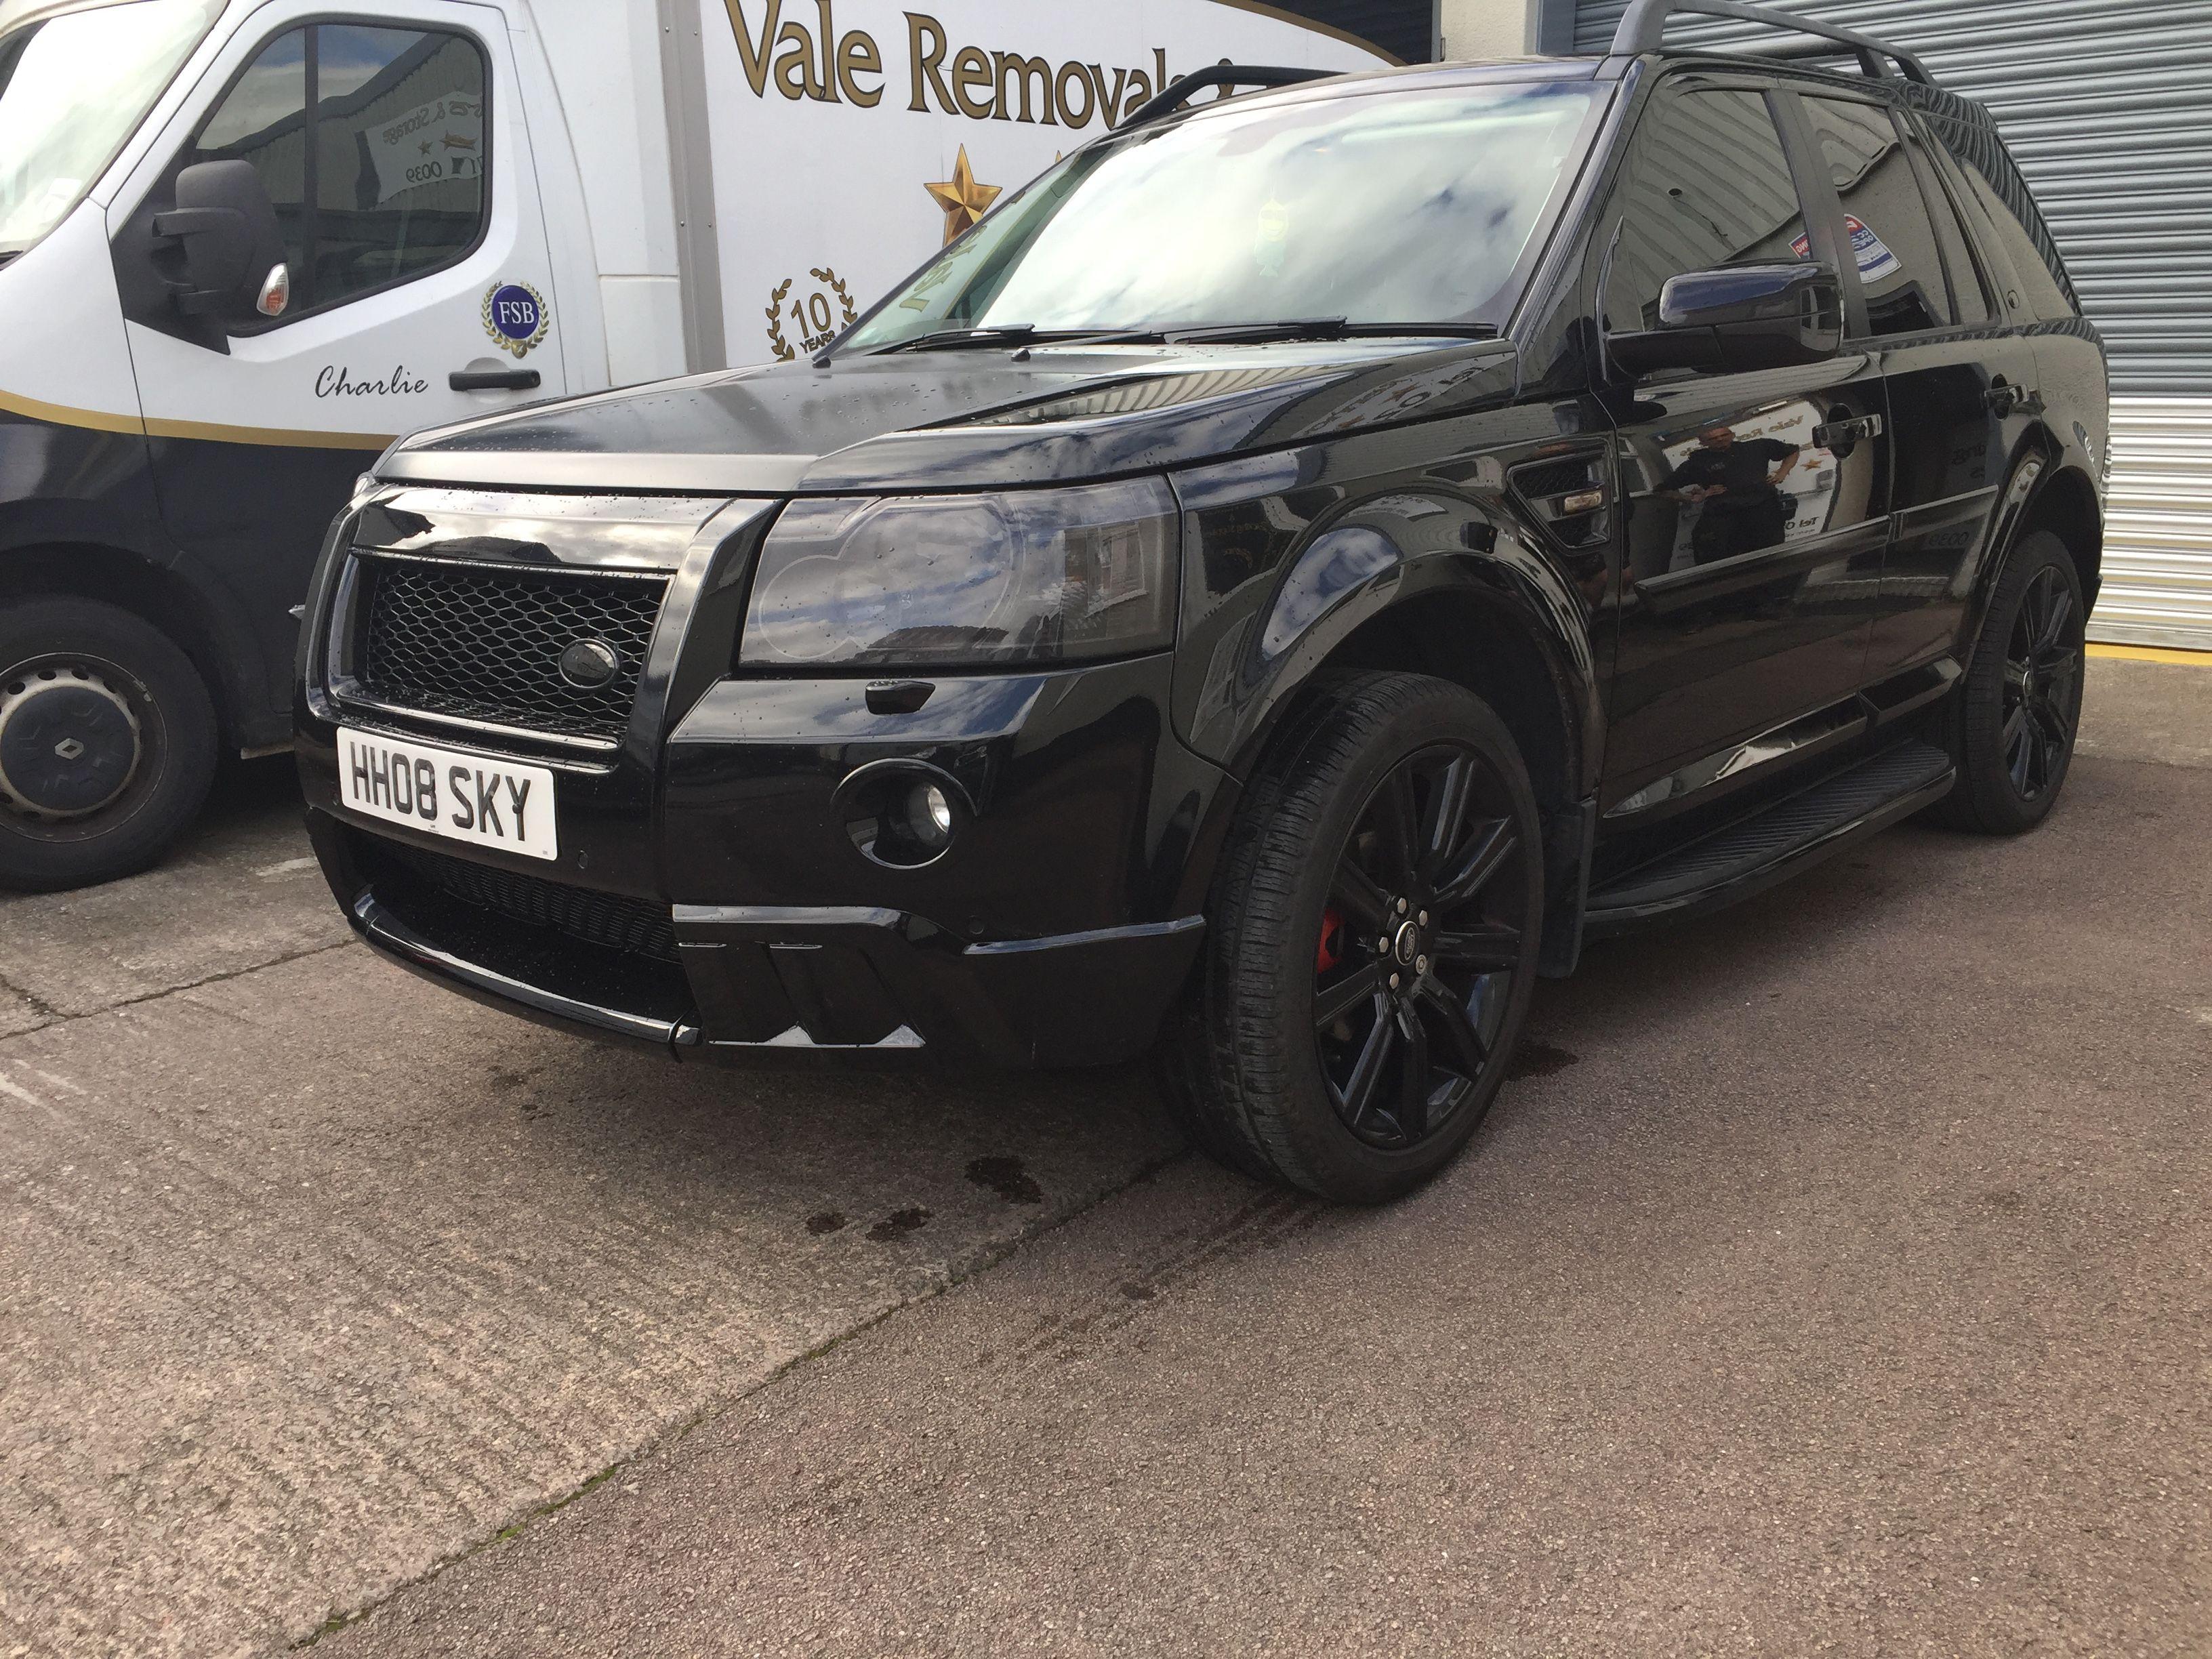 Landrover Freelander 2 All Black Kitted Up Body Kit Hst Matt Black Bonnet 1 Land Rover Range Rover Classic